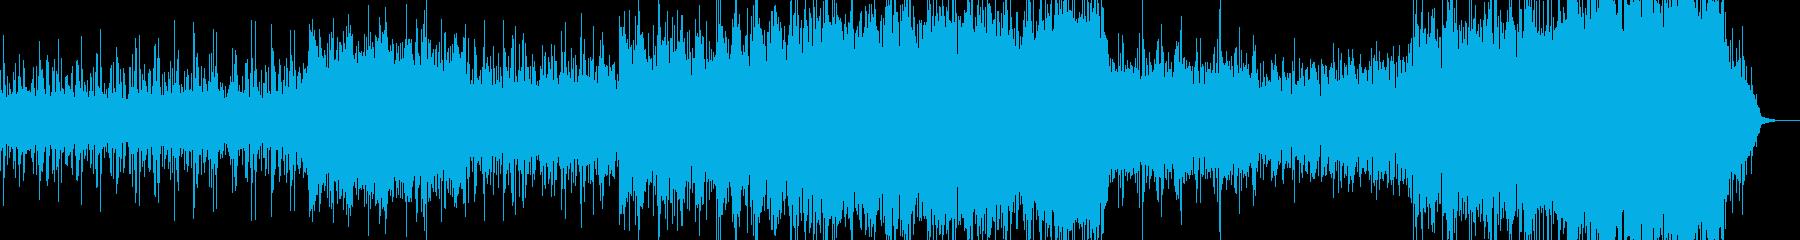 背景的音楽ーDollsの再生済みの波形